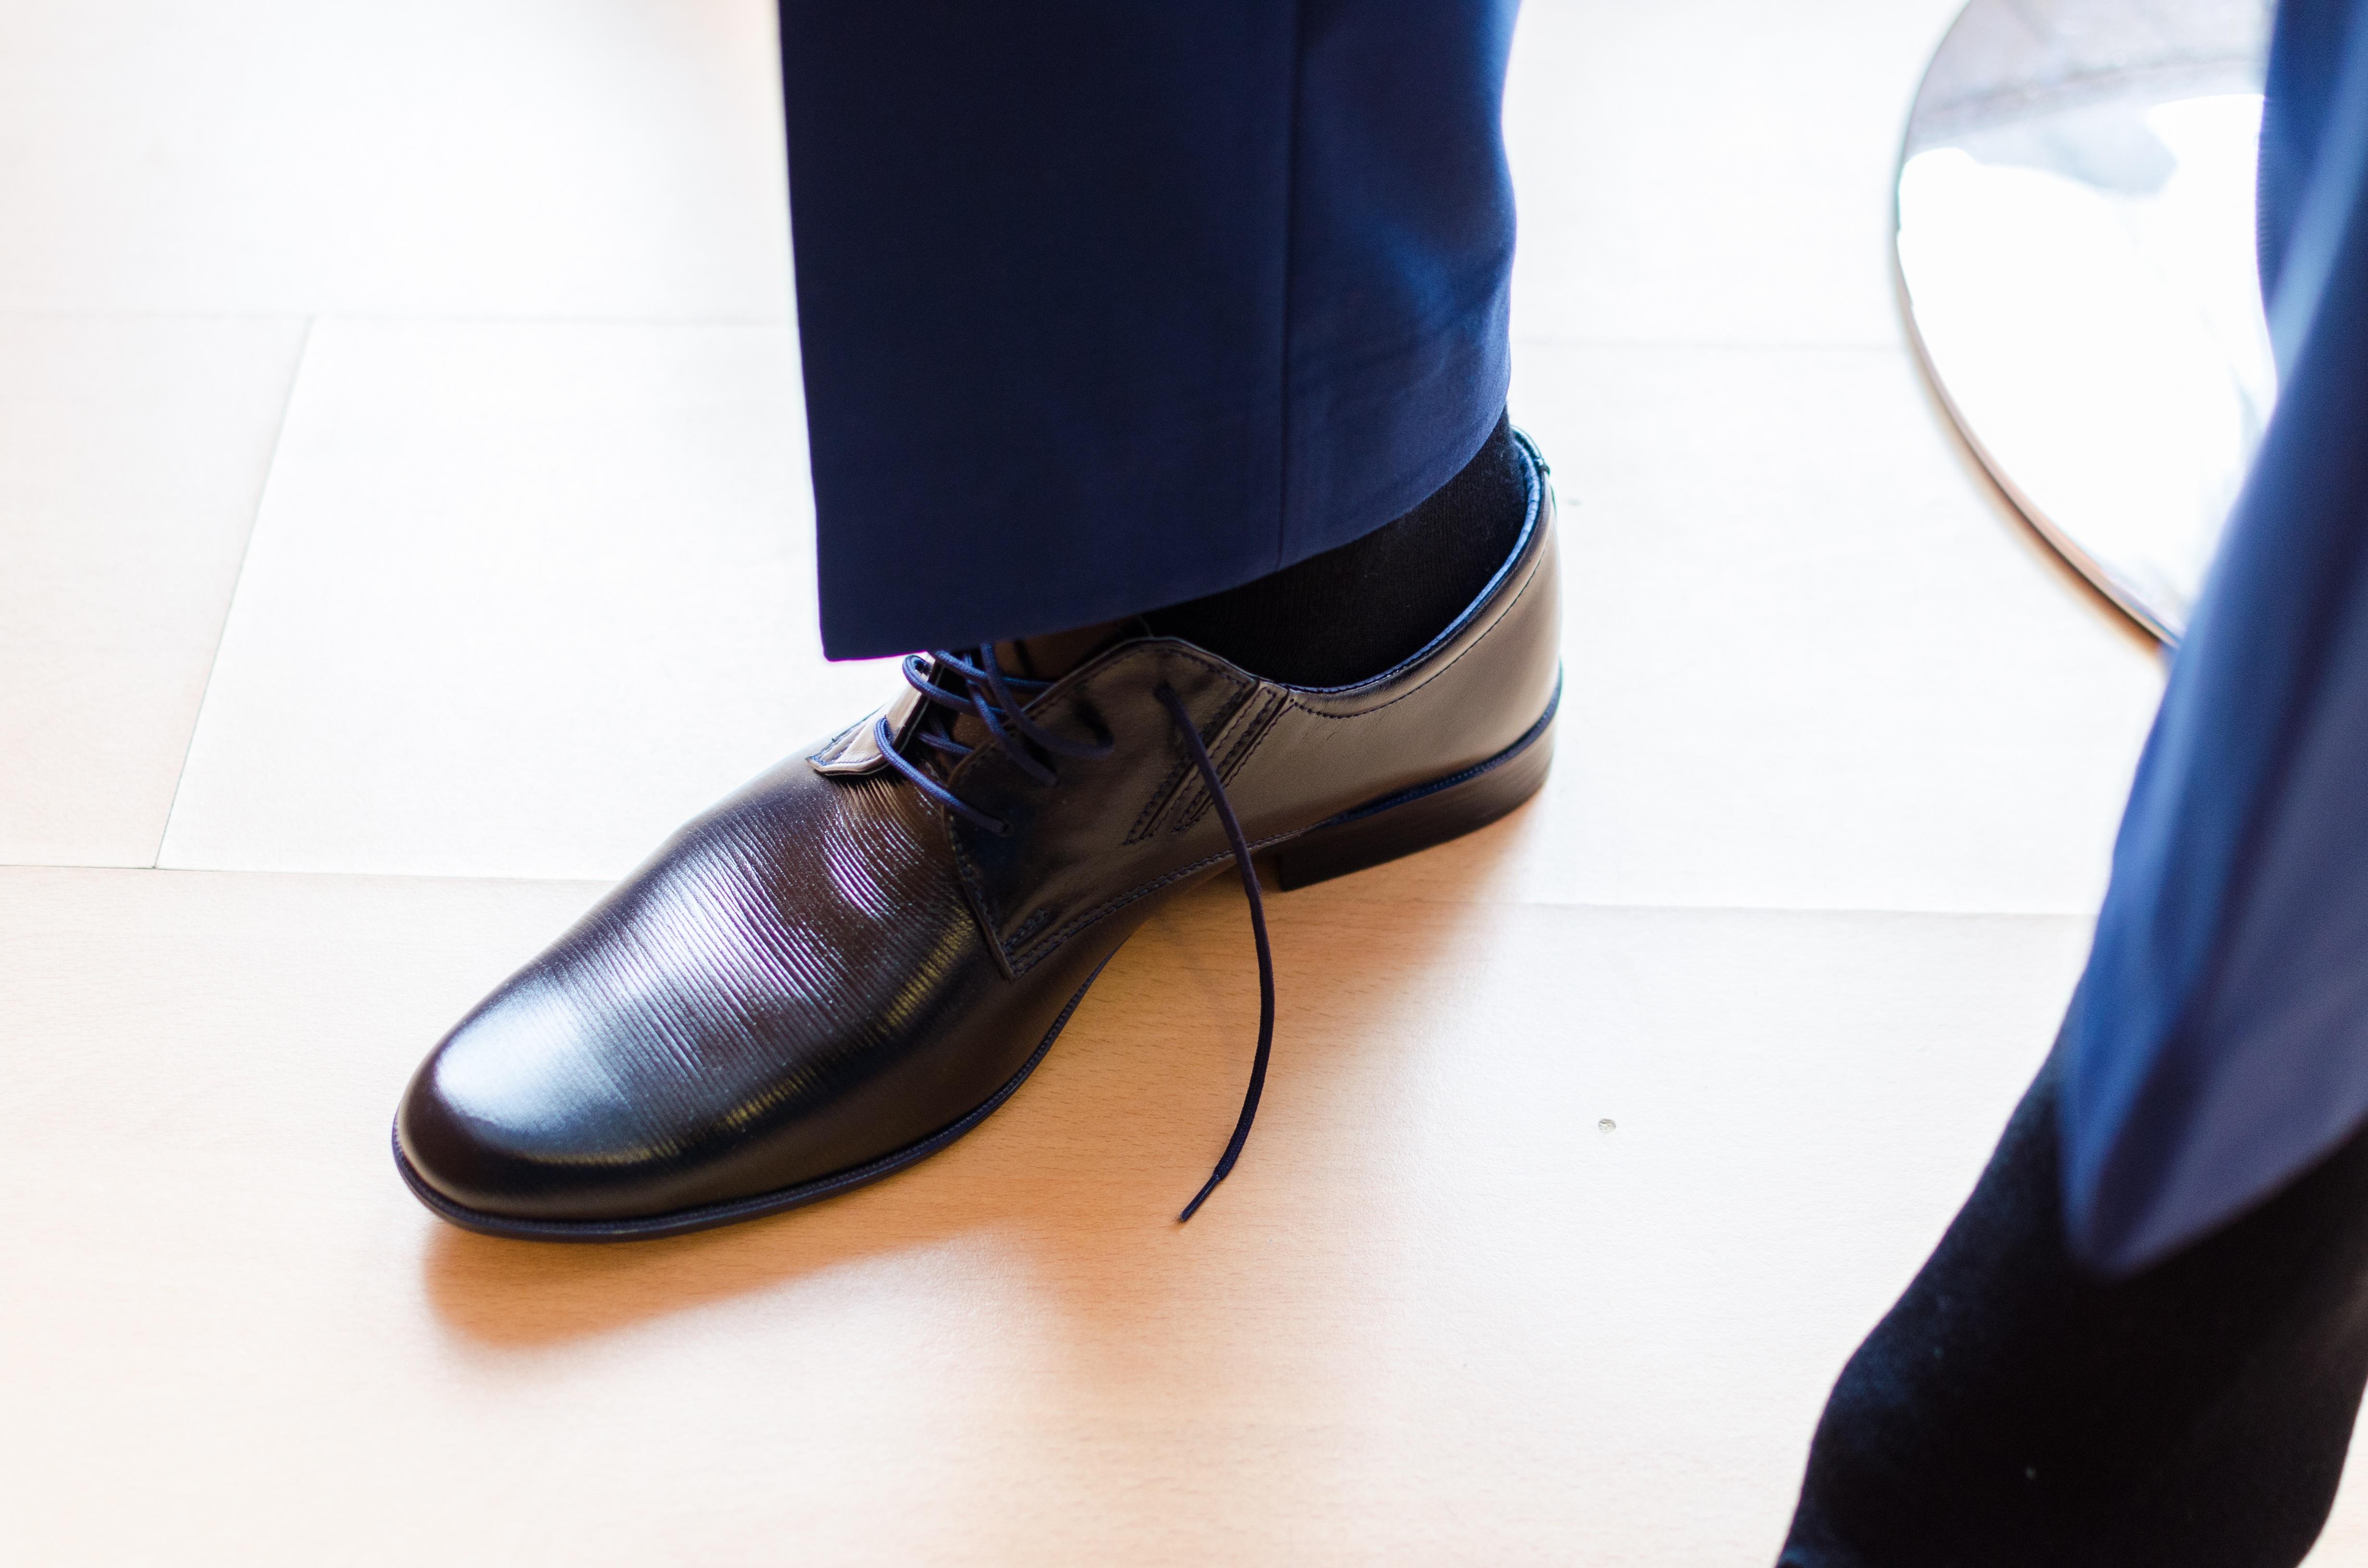 gamme complète d'articles acheter de nouveaux couleur rapide Images Gratuites : travail, main, costume, chaussure, blanc ...